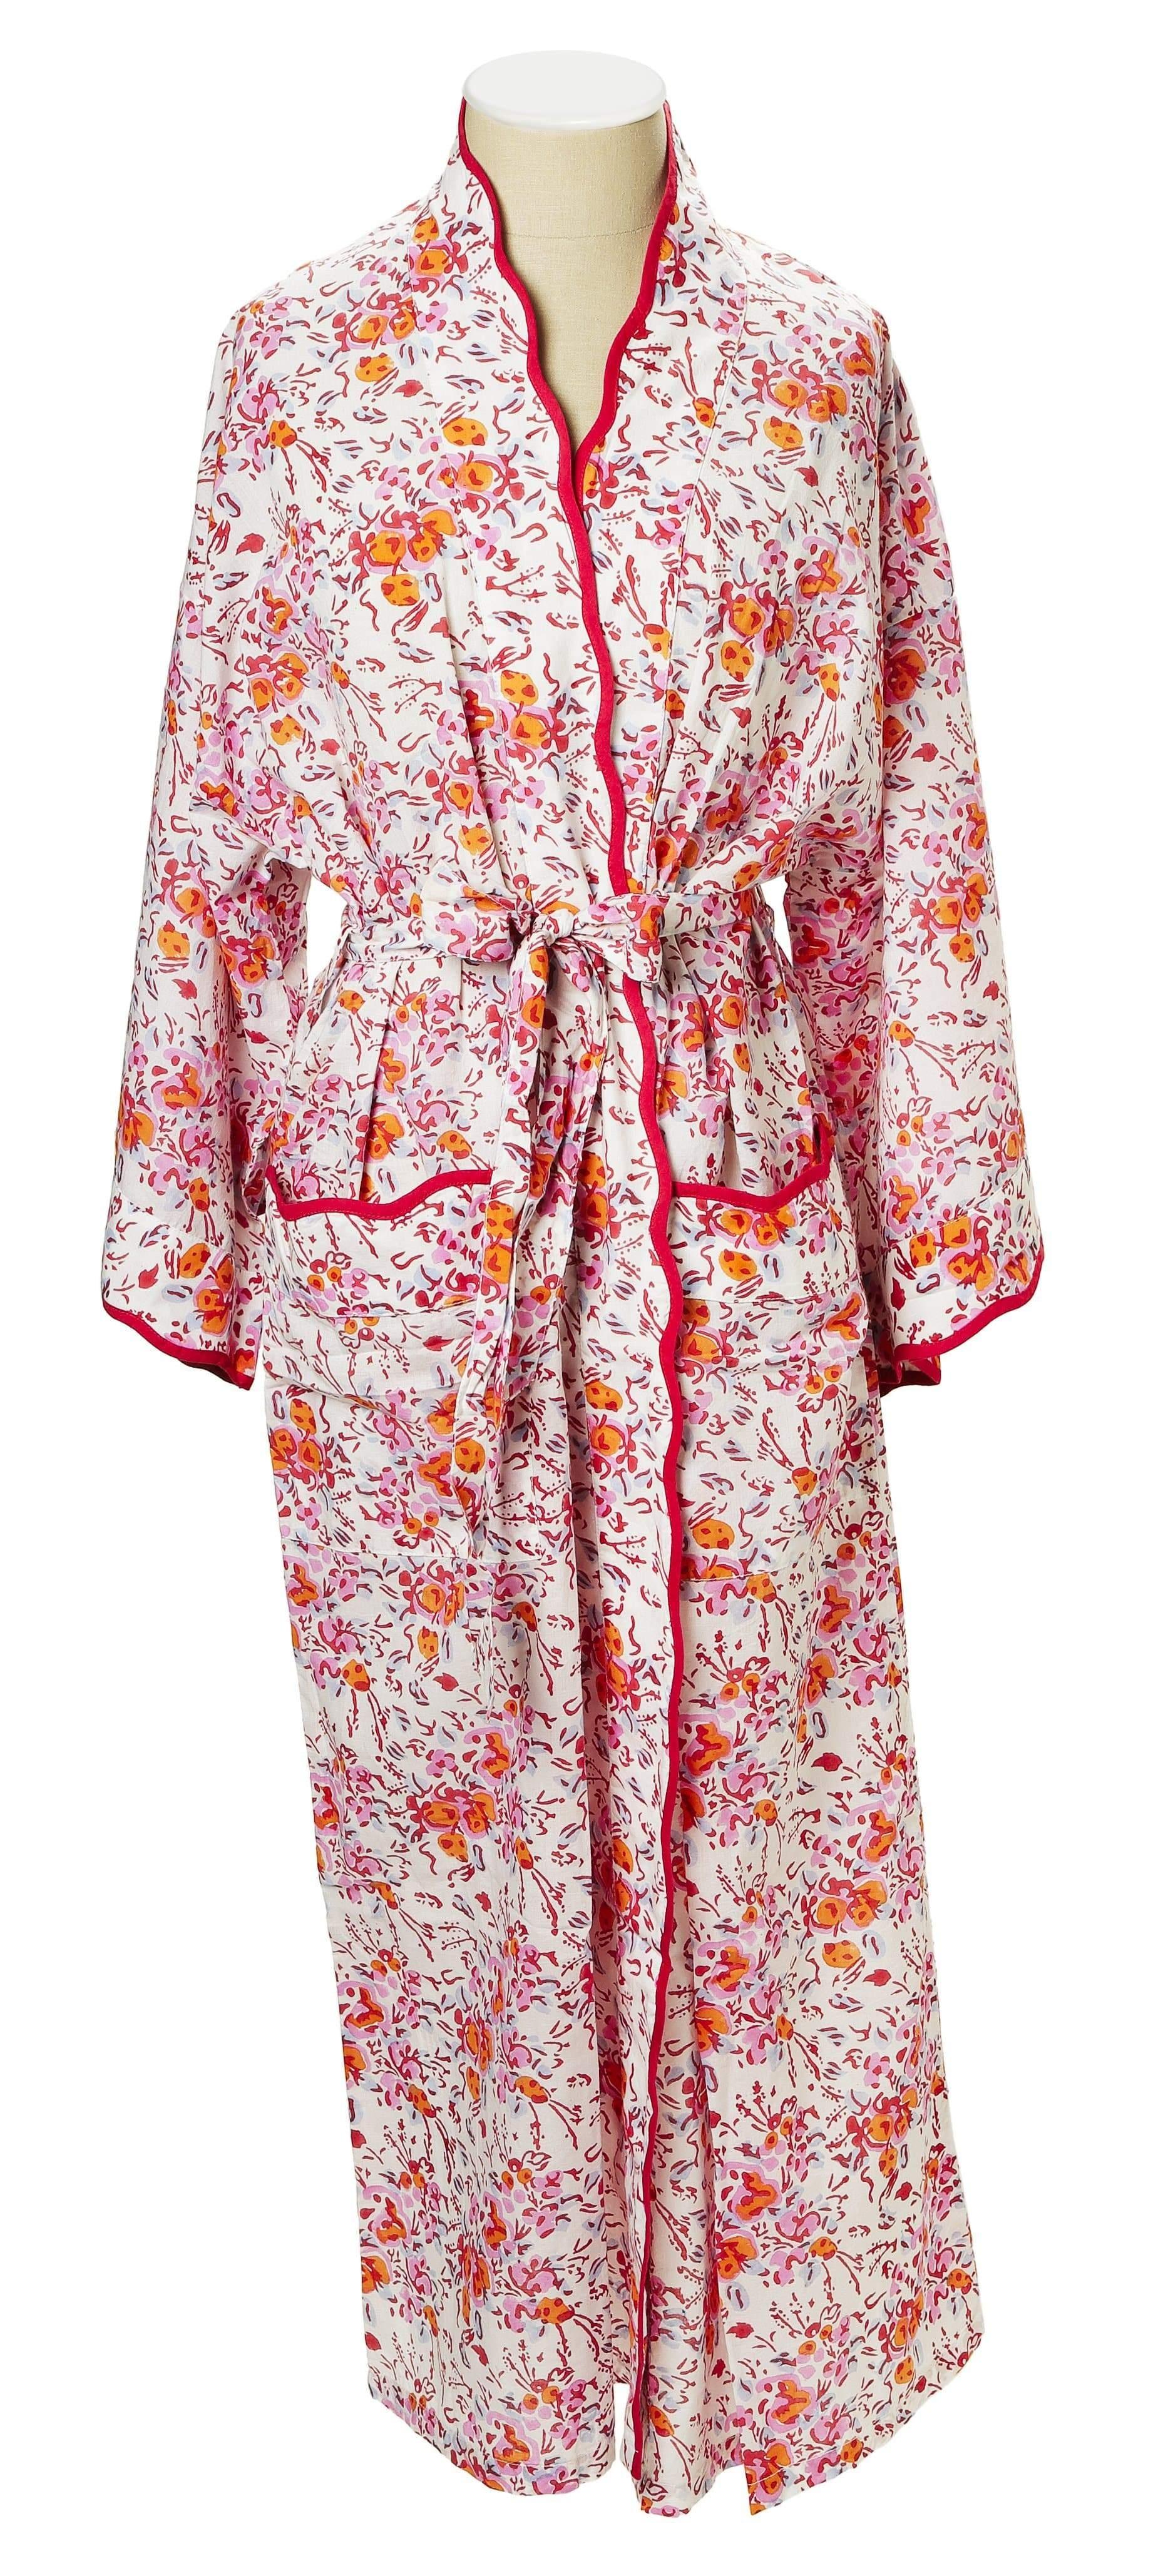 Pink_Floral_Robe_10.jpg